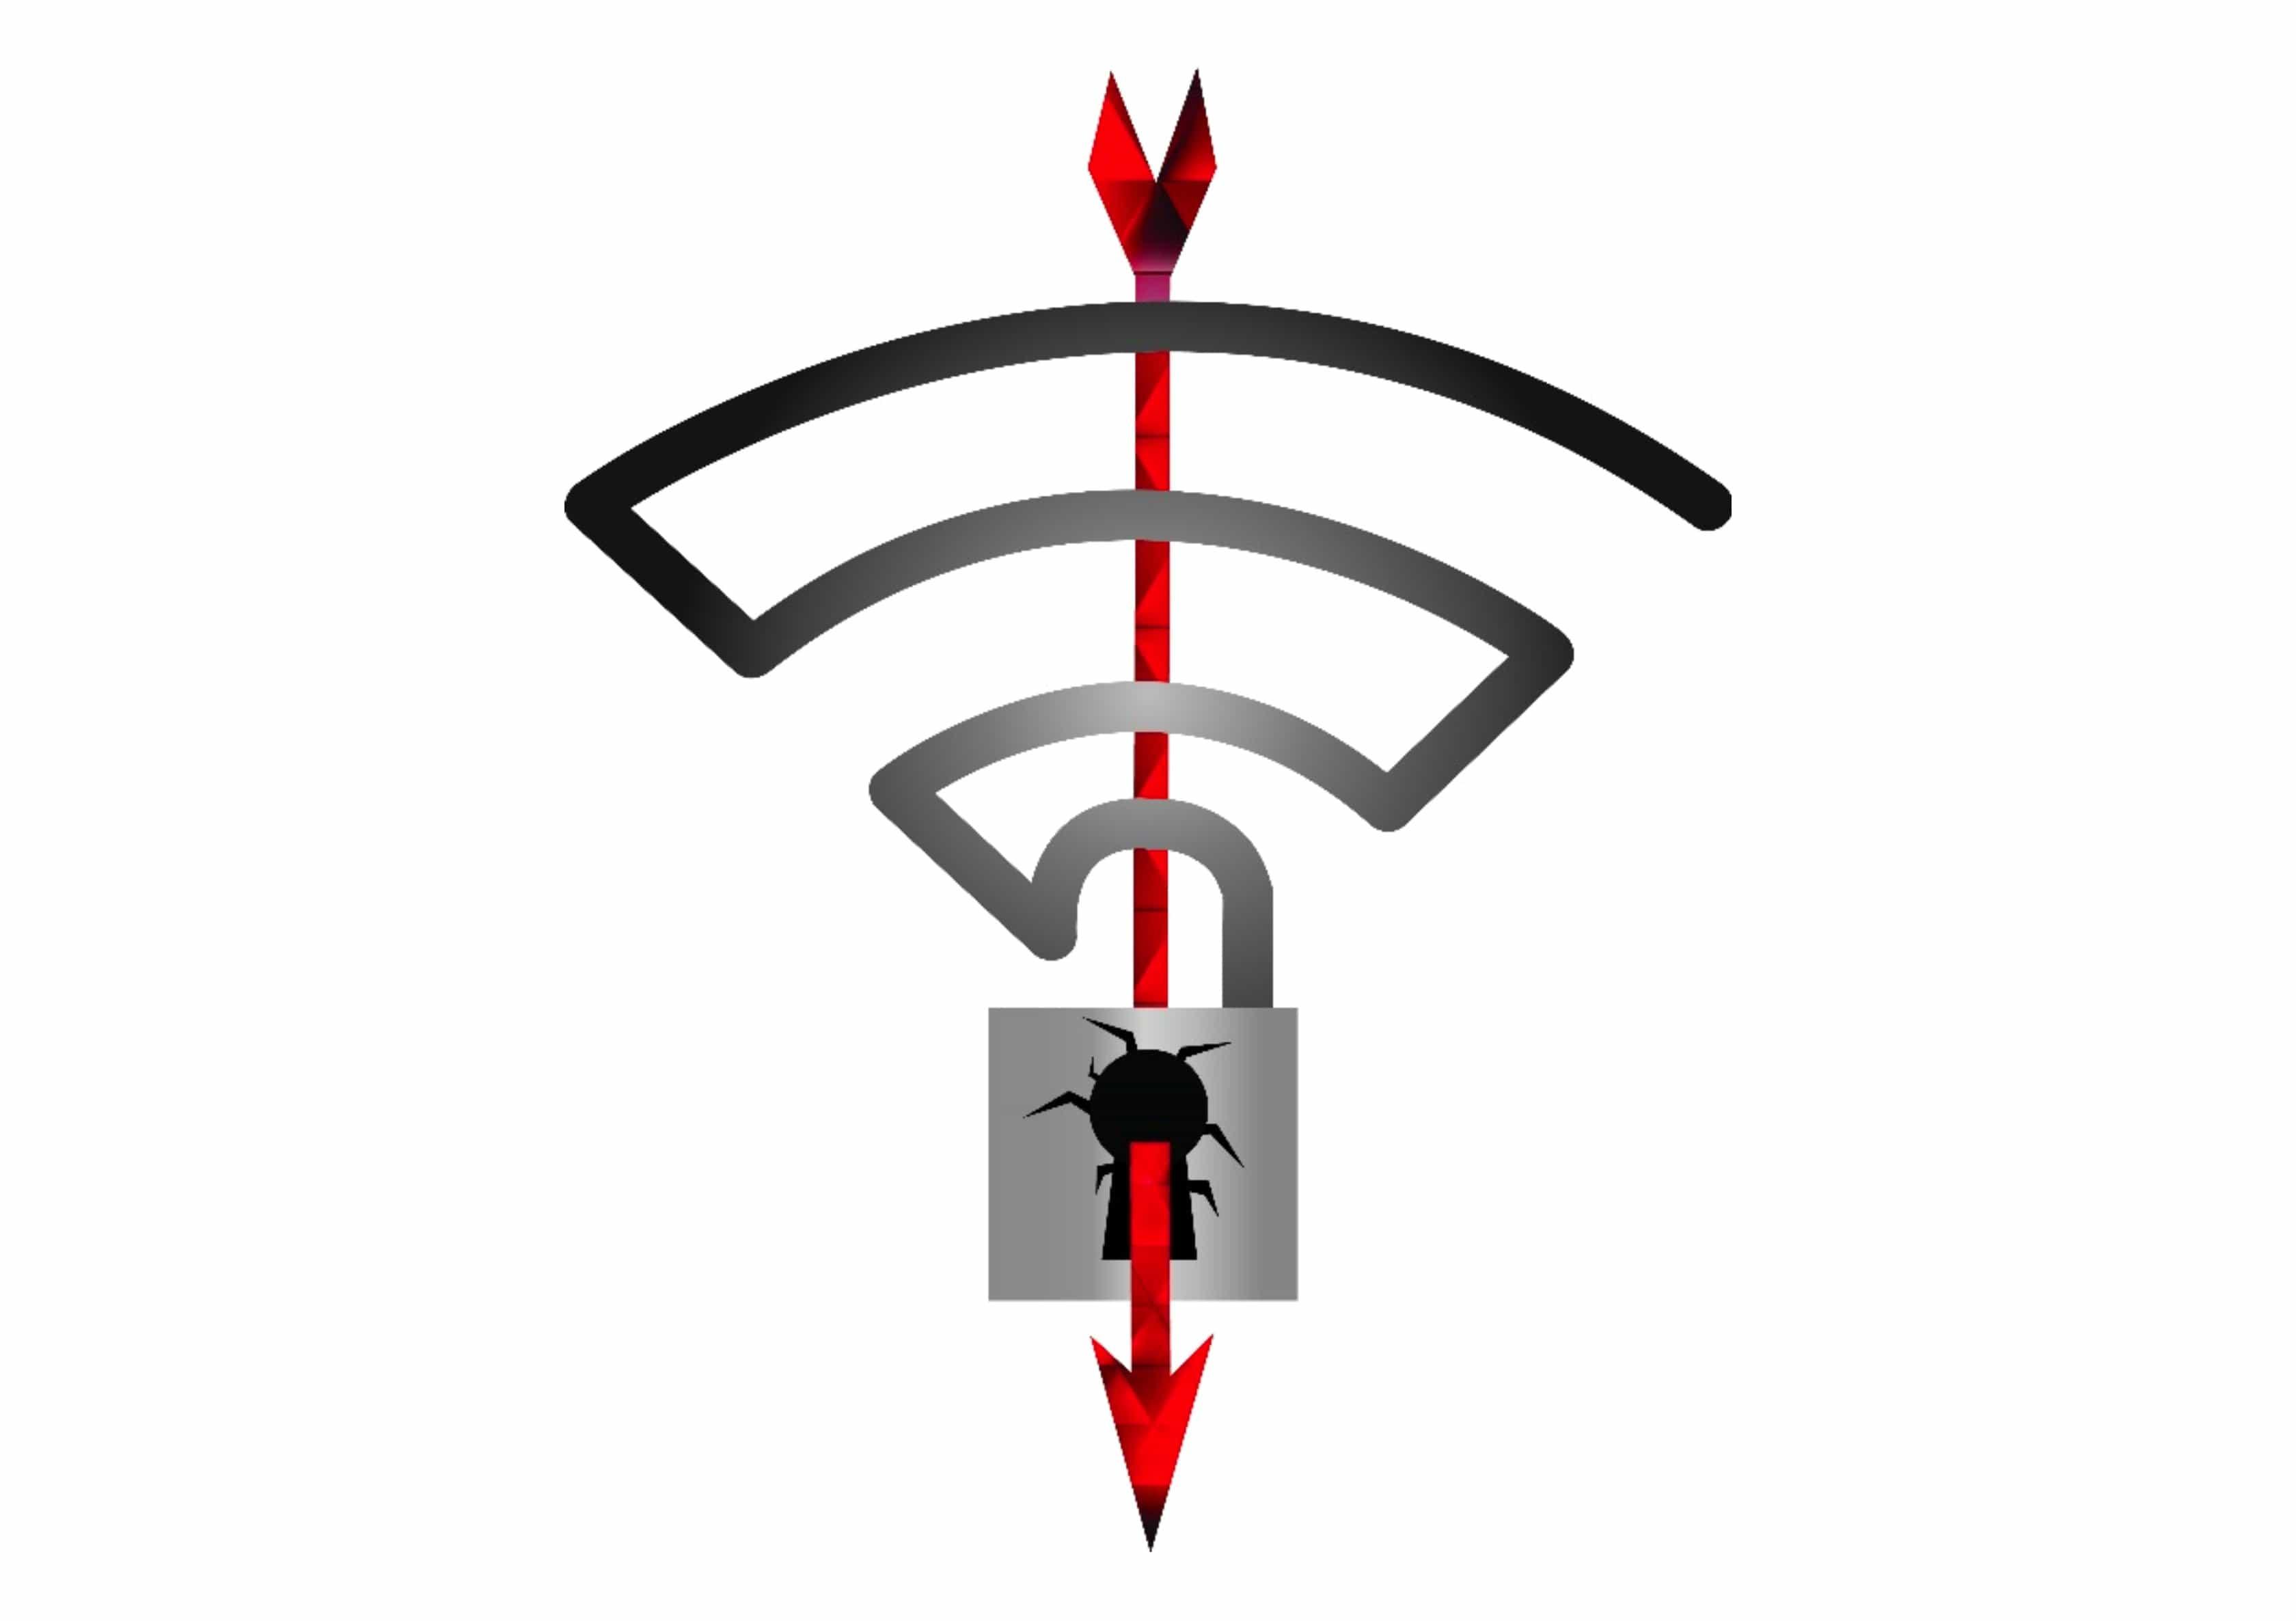 KRACK Wi-Fi attack